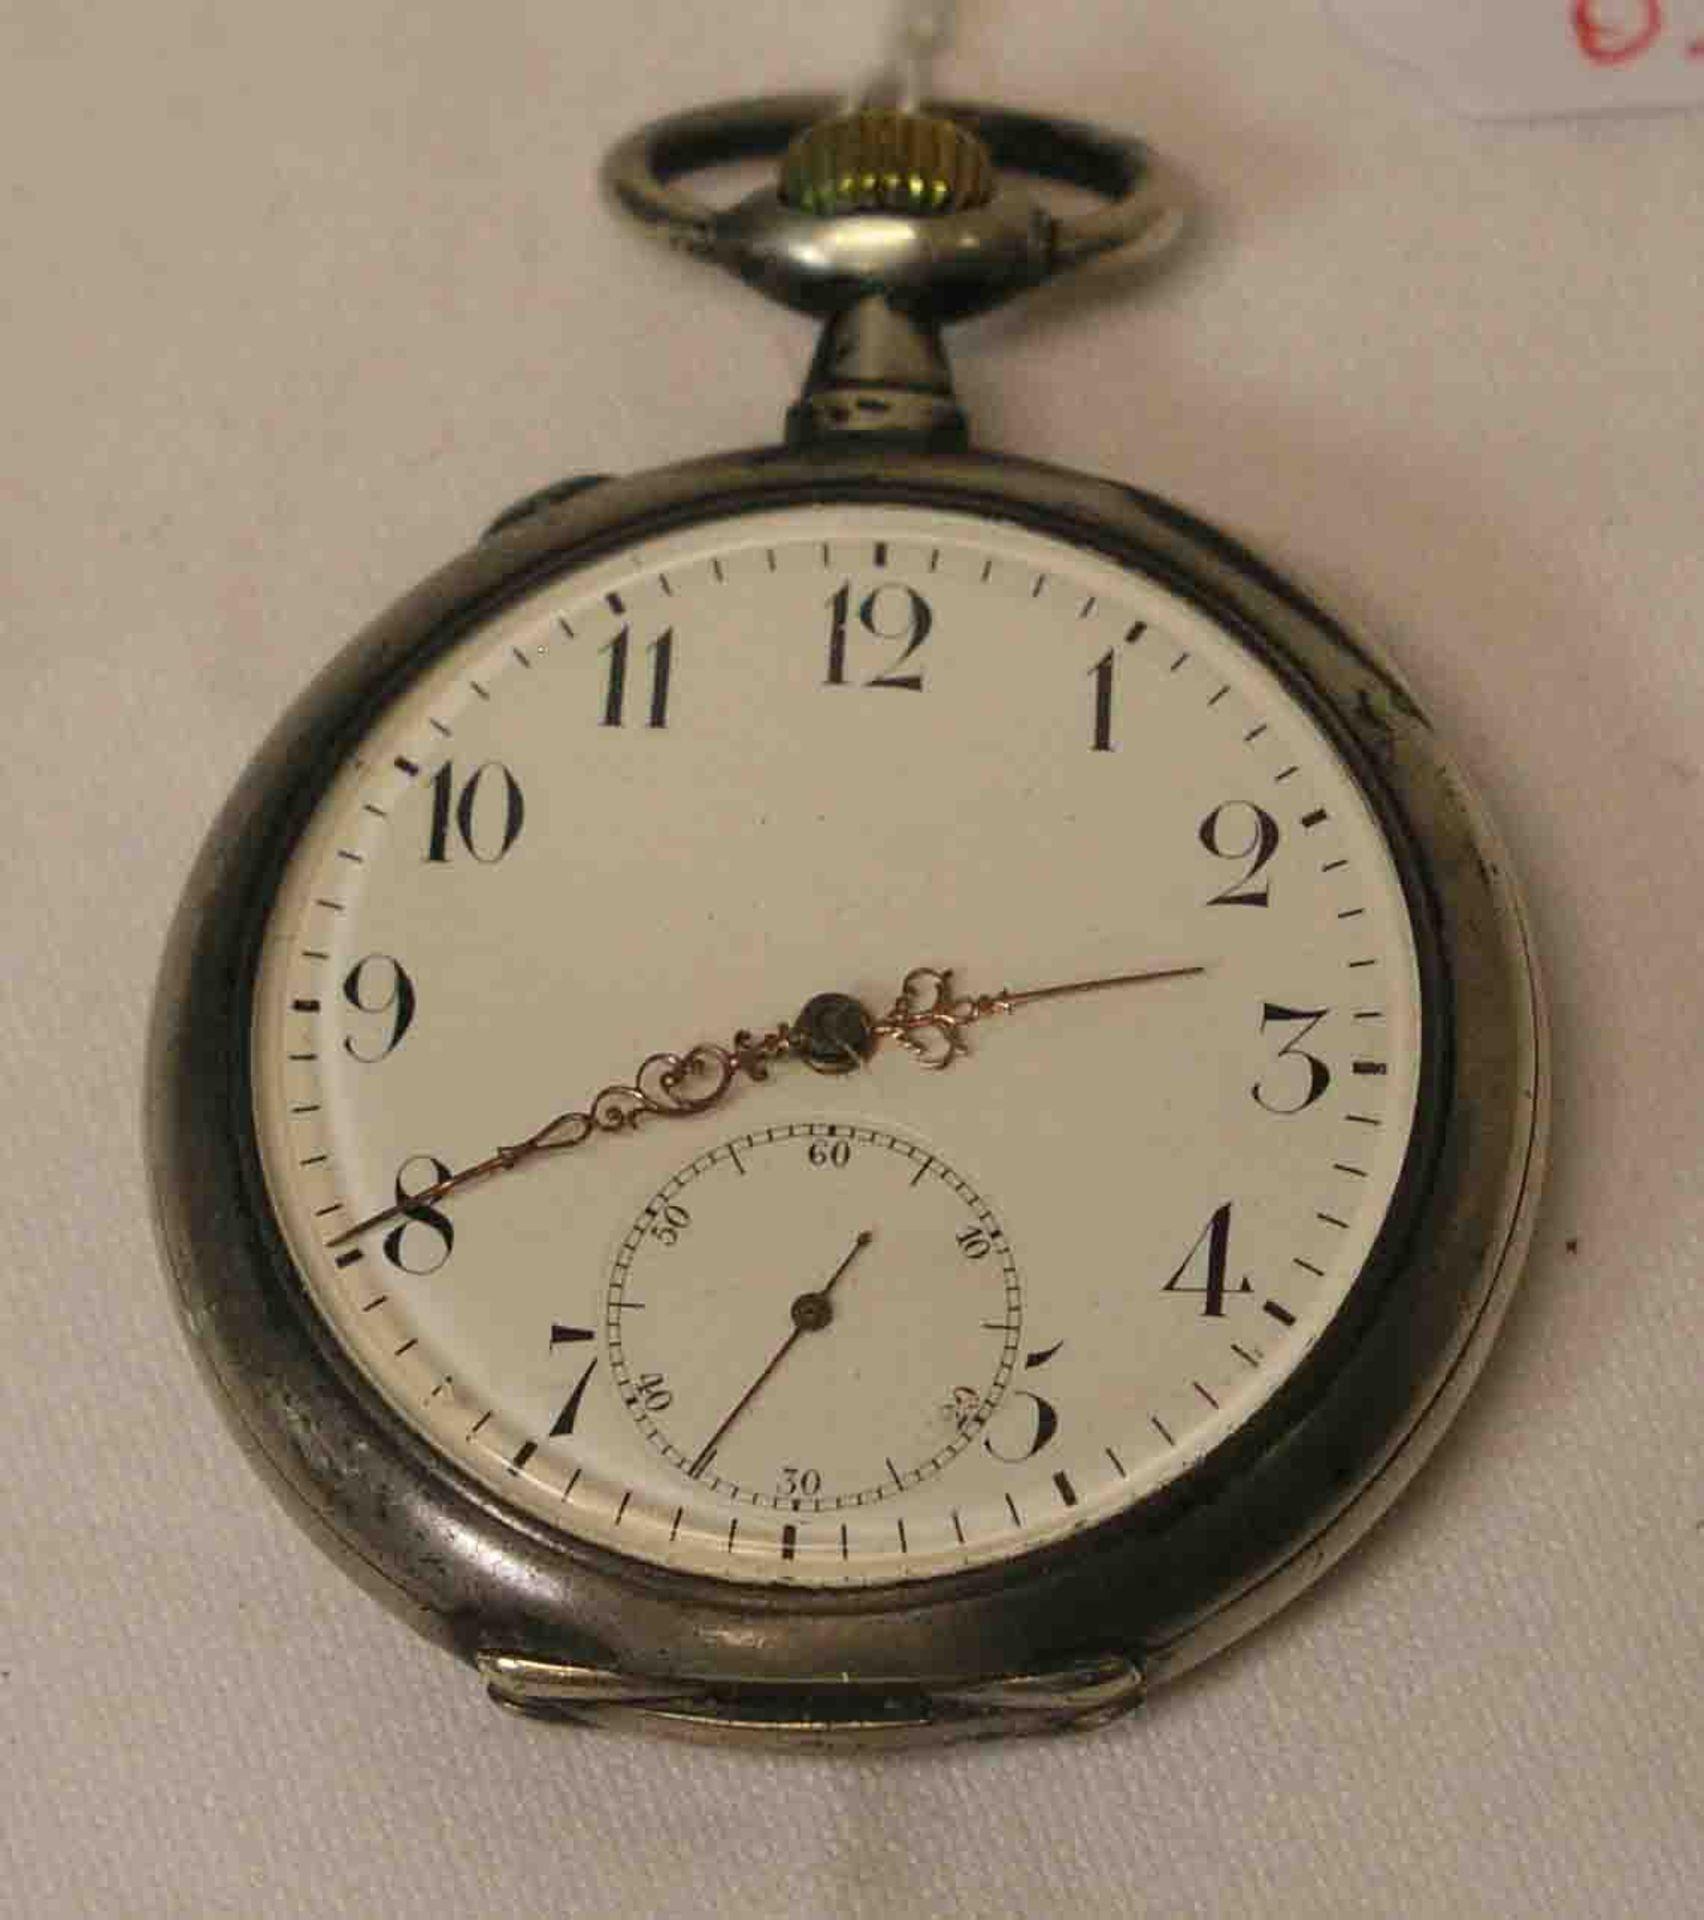 Taschenuhr um 1900. Silbergehäuse.